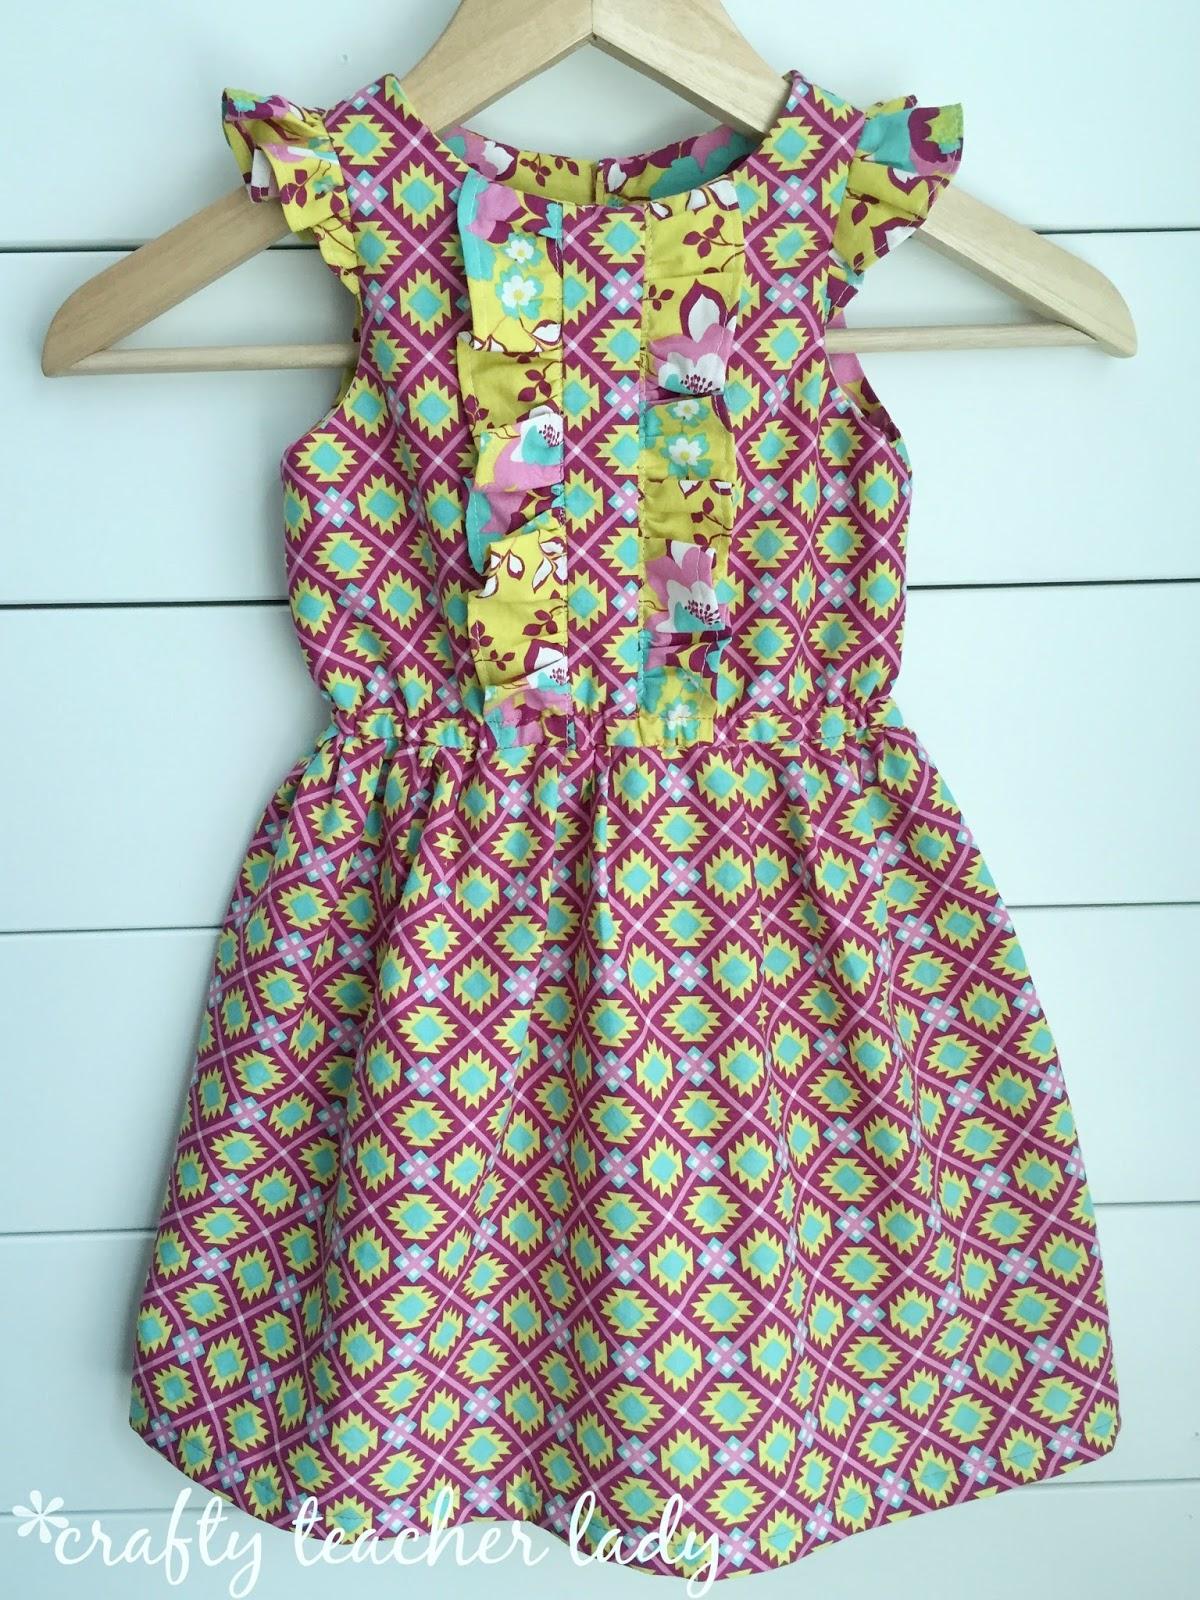 Crafty Teacher Lady Favorite Children S Sewing Patterns